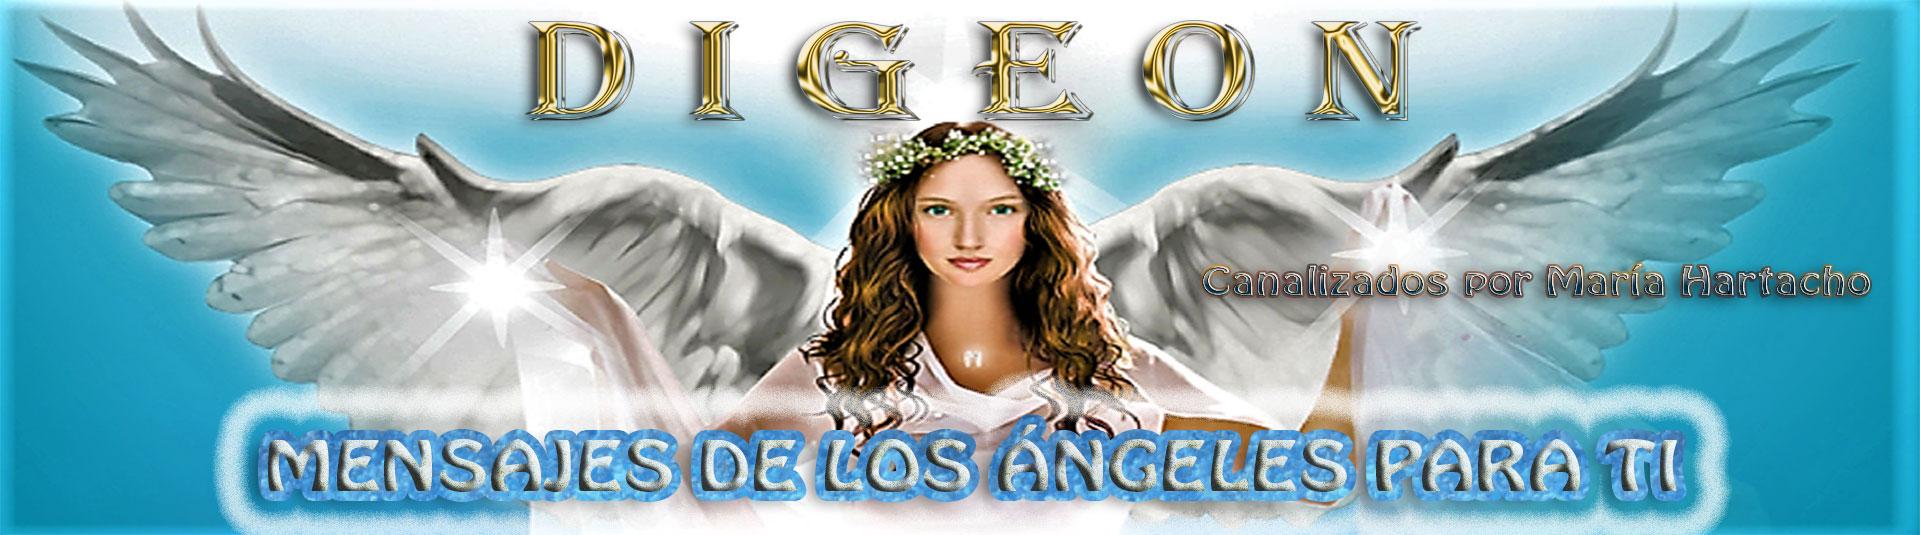 Mensajes de los Ángeles para ti, acceso al Mensaje de tus Ángeles para hoy, mensajes de los ángeles, todo sobre ángeles y arcángeles, los sietes arcángeles y los ángeles de la cábala, maestros ascendidos, oraciones poderosas, y limpiezas de aura, y cada día un Mensajes de los Ángeles para ti